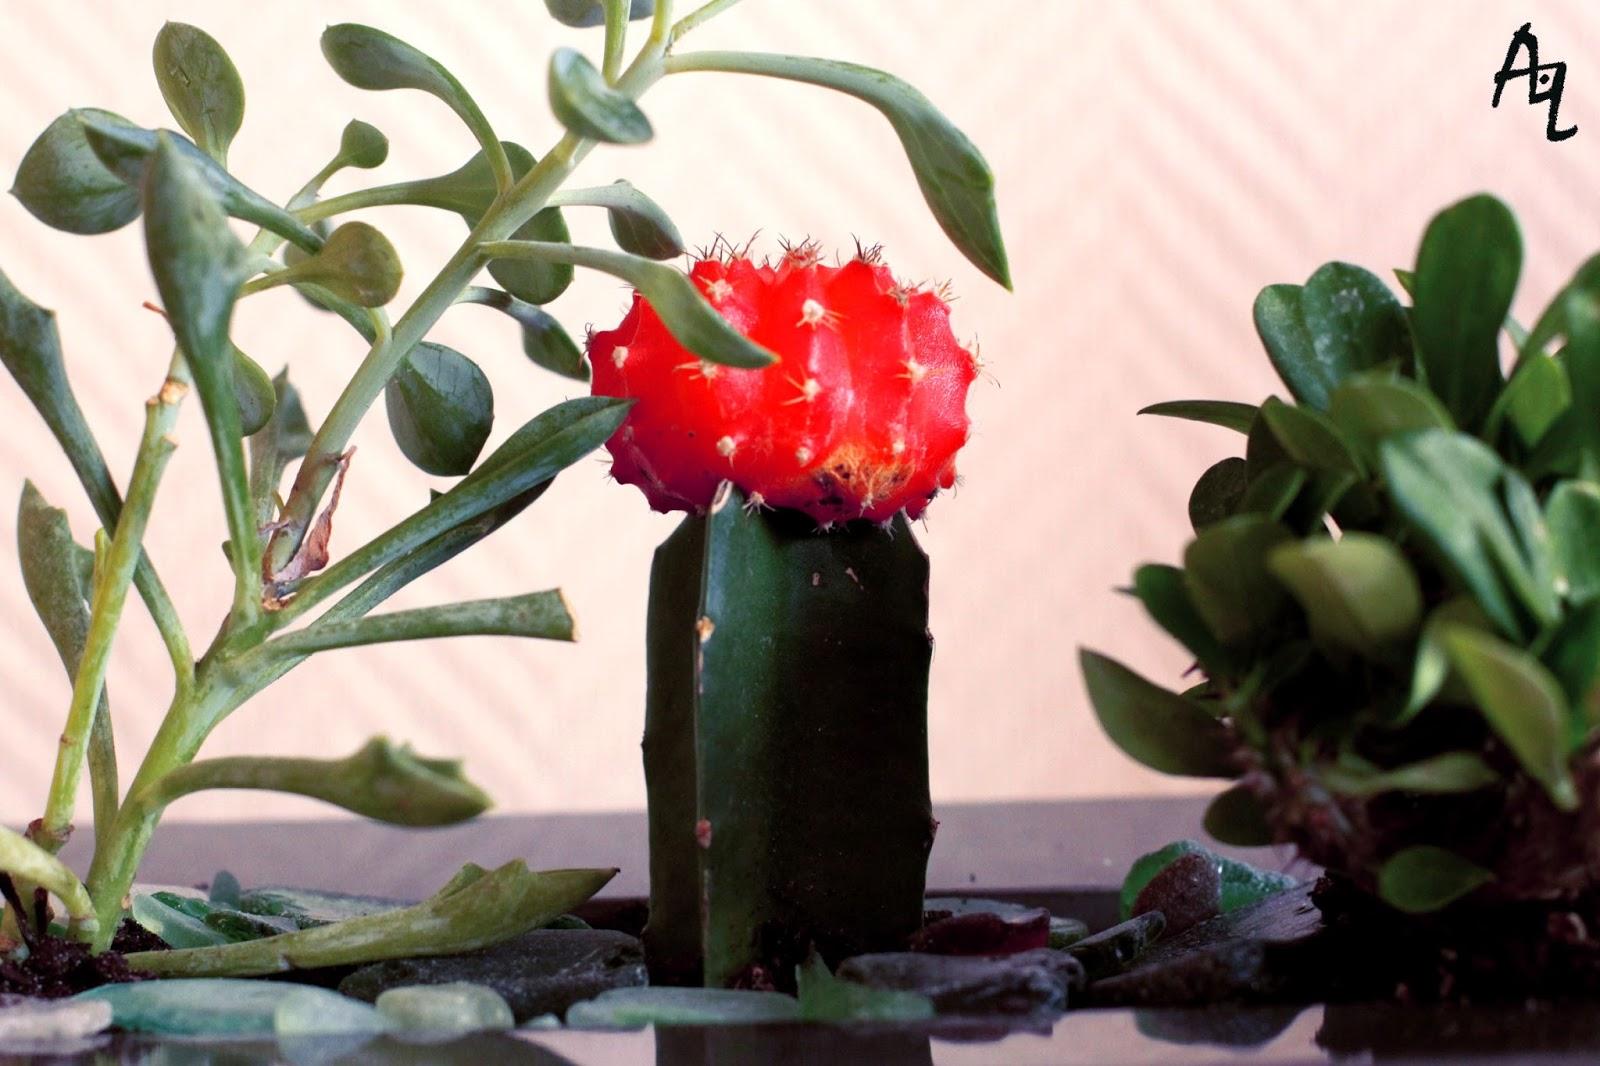 art 39 dennes i 39 m a killer of plants. Black Bedroom Furniture Sets. Home Design Ideas